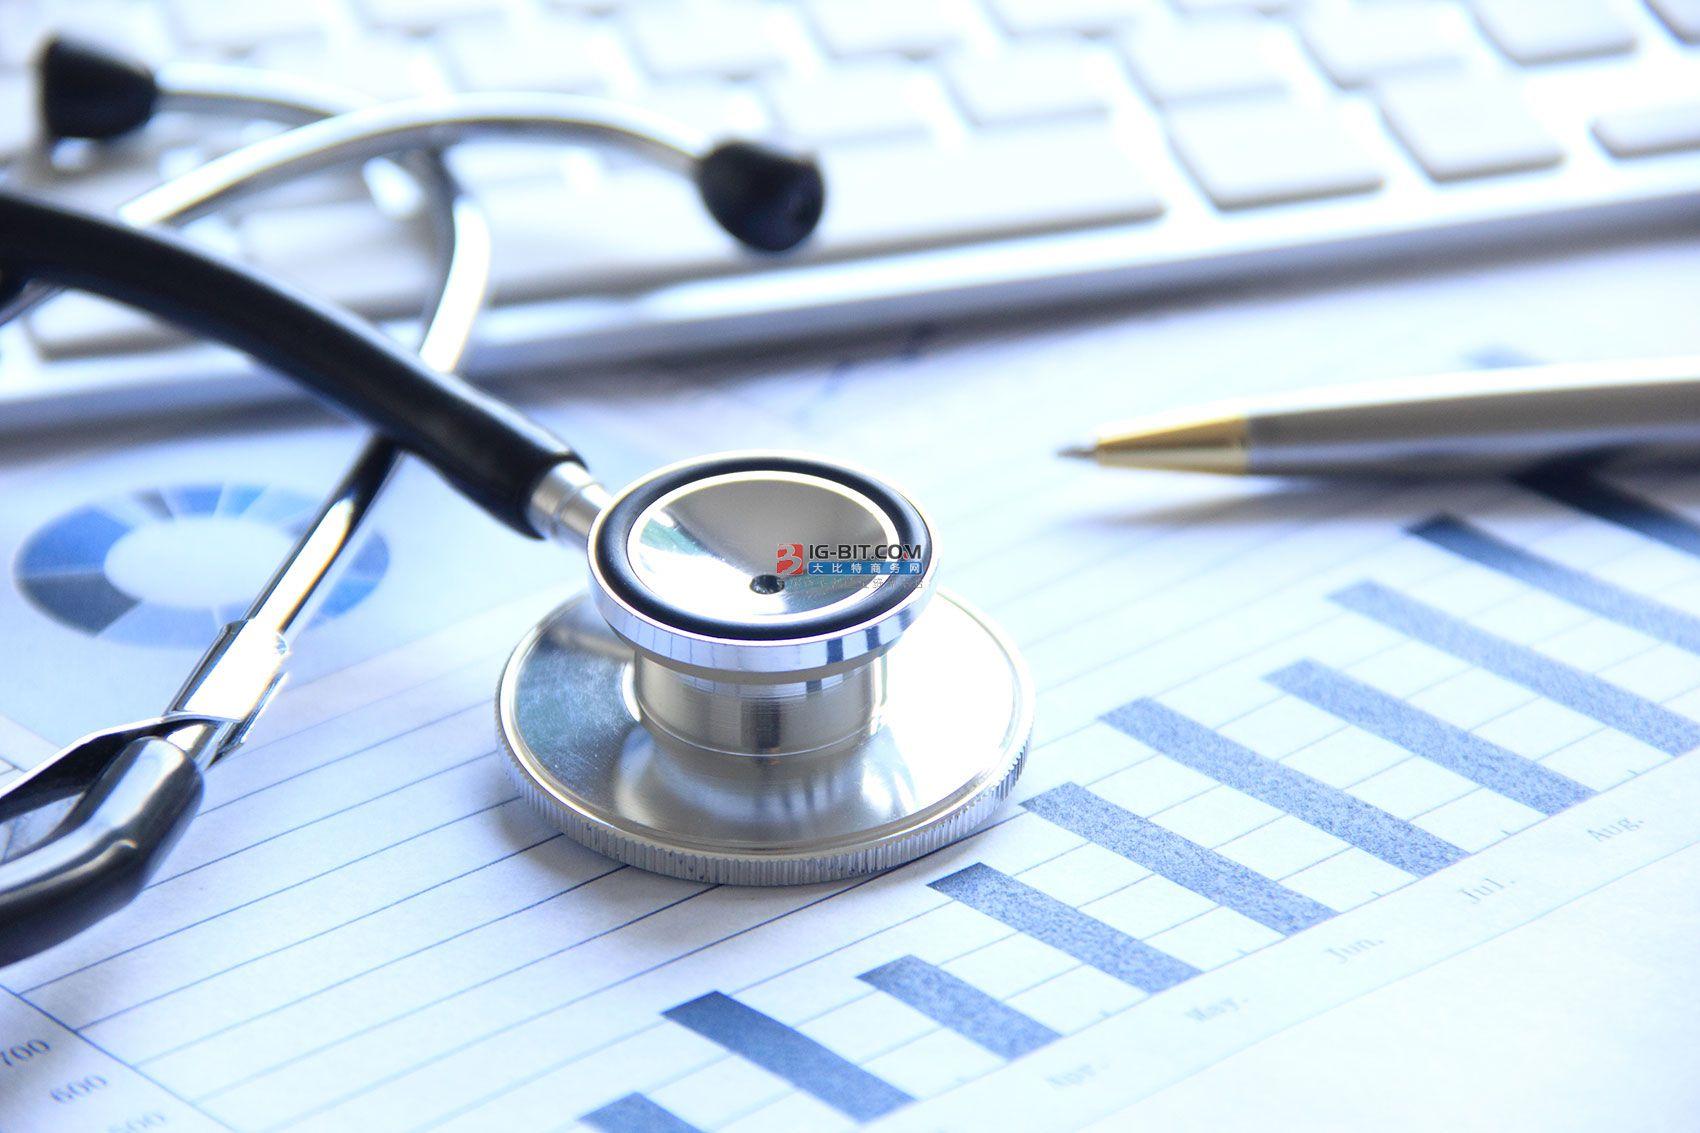 聯合國牽頭幫助135個國家獲得抗疫關鍵醫療設備